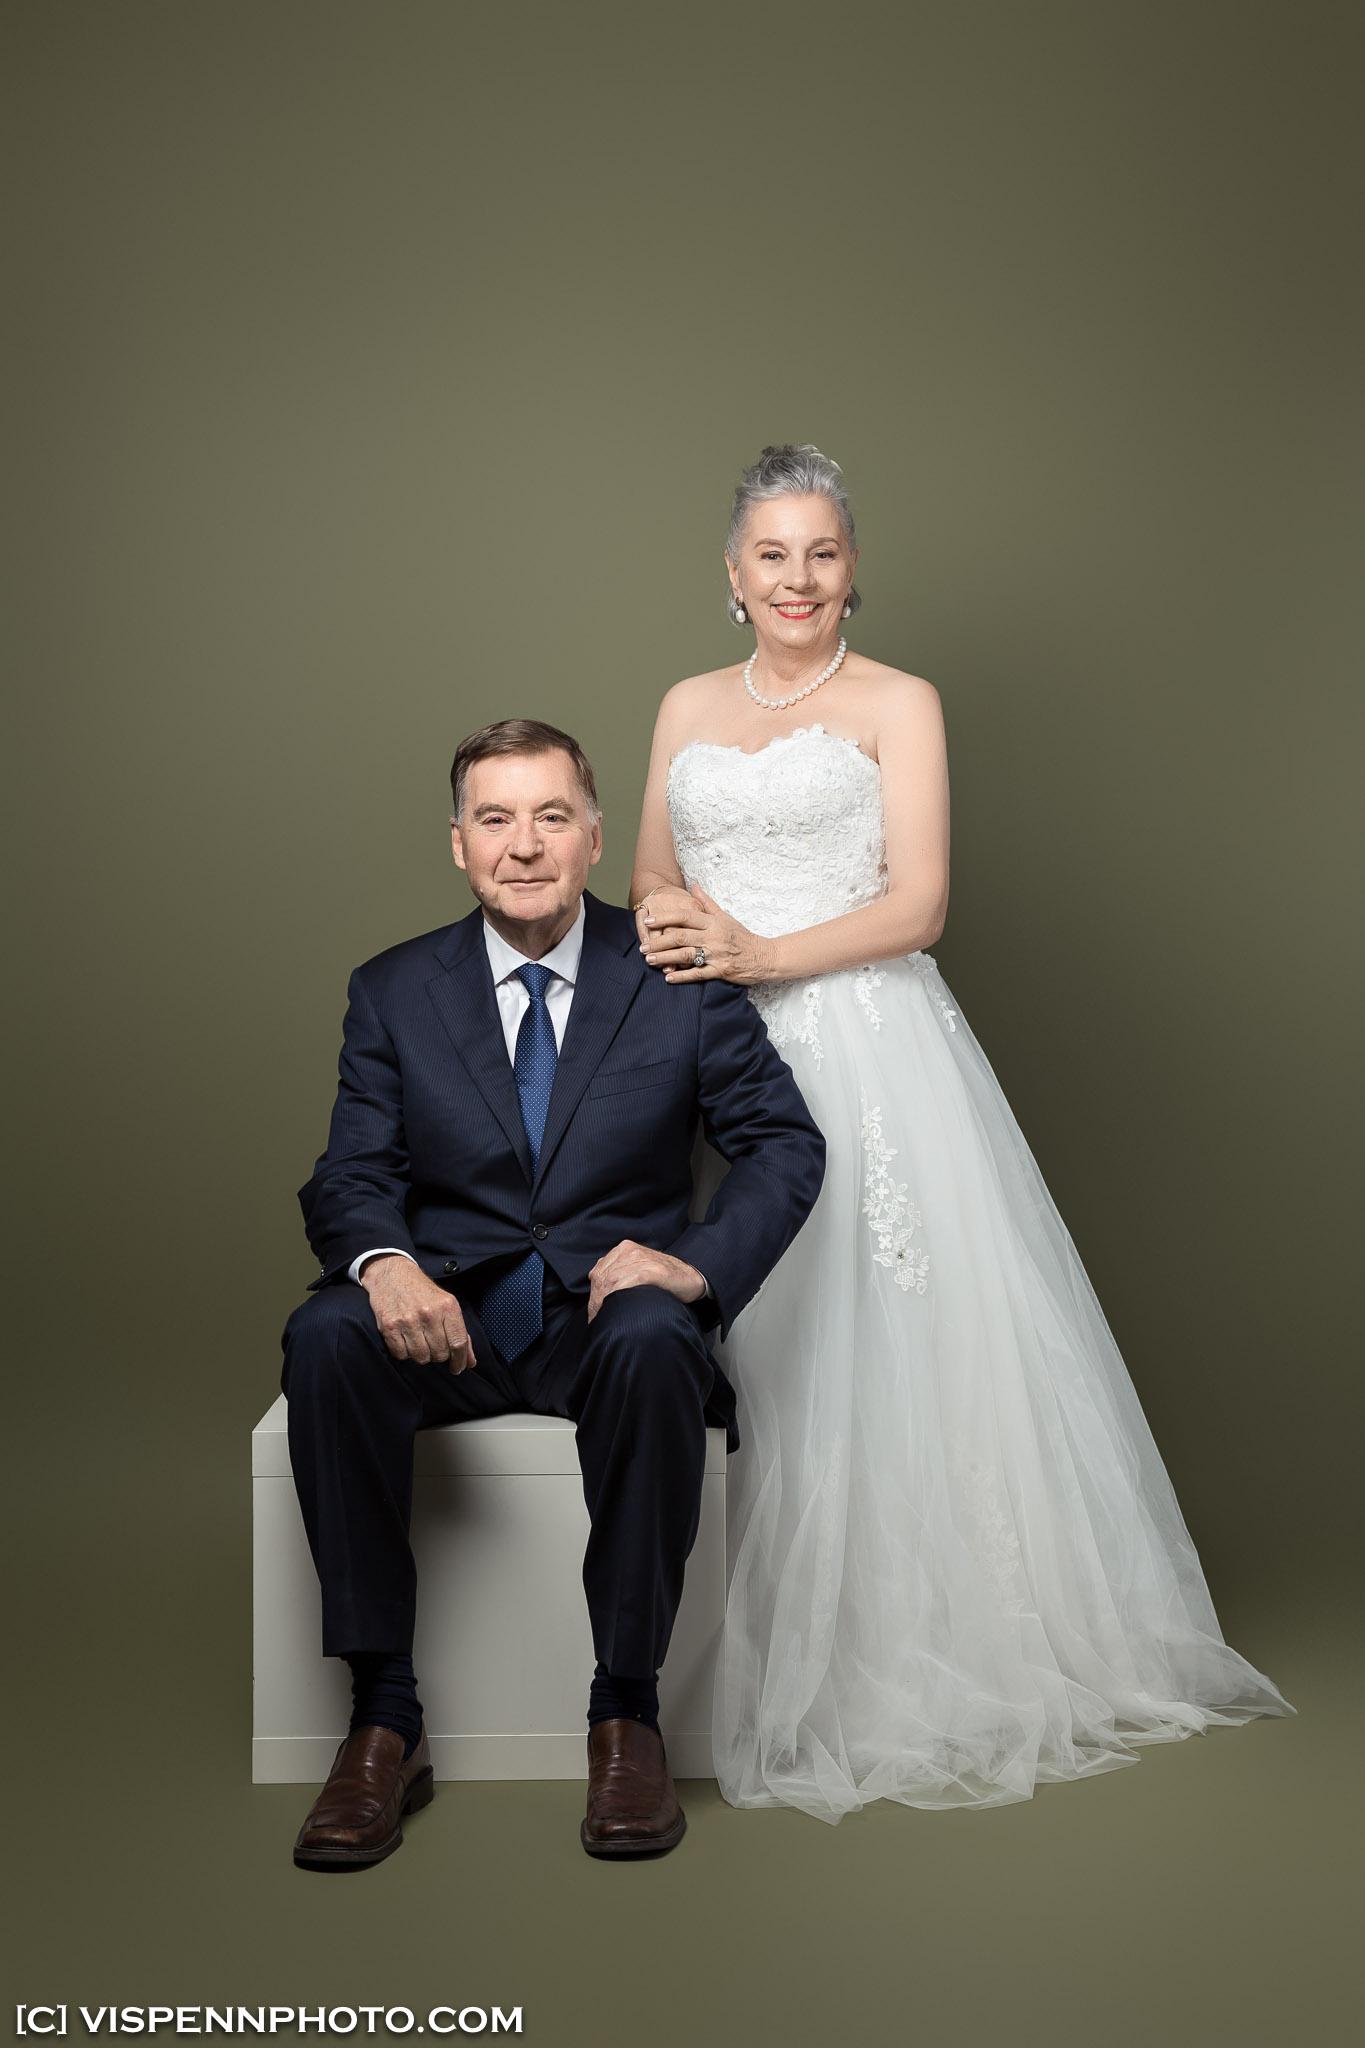 PRE WEDDING Photography Melbourne Barbara 1159 ZHPENN